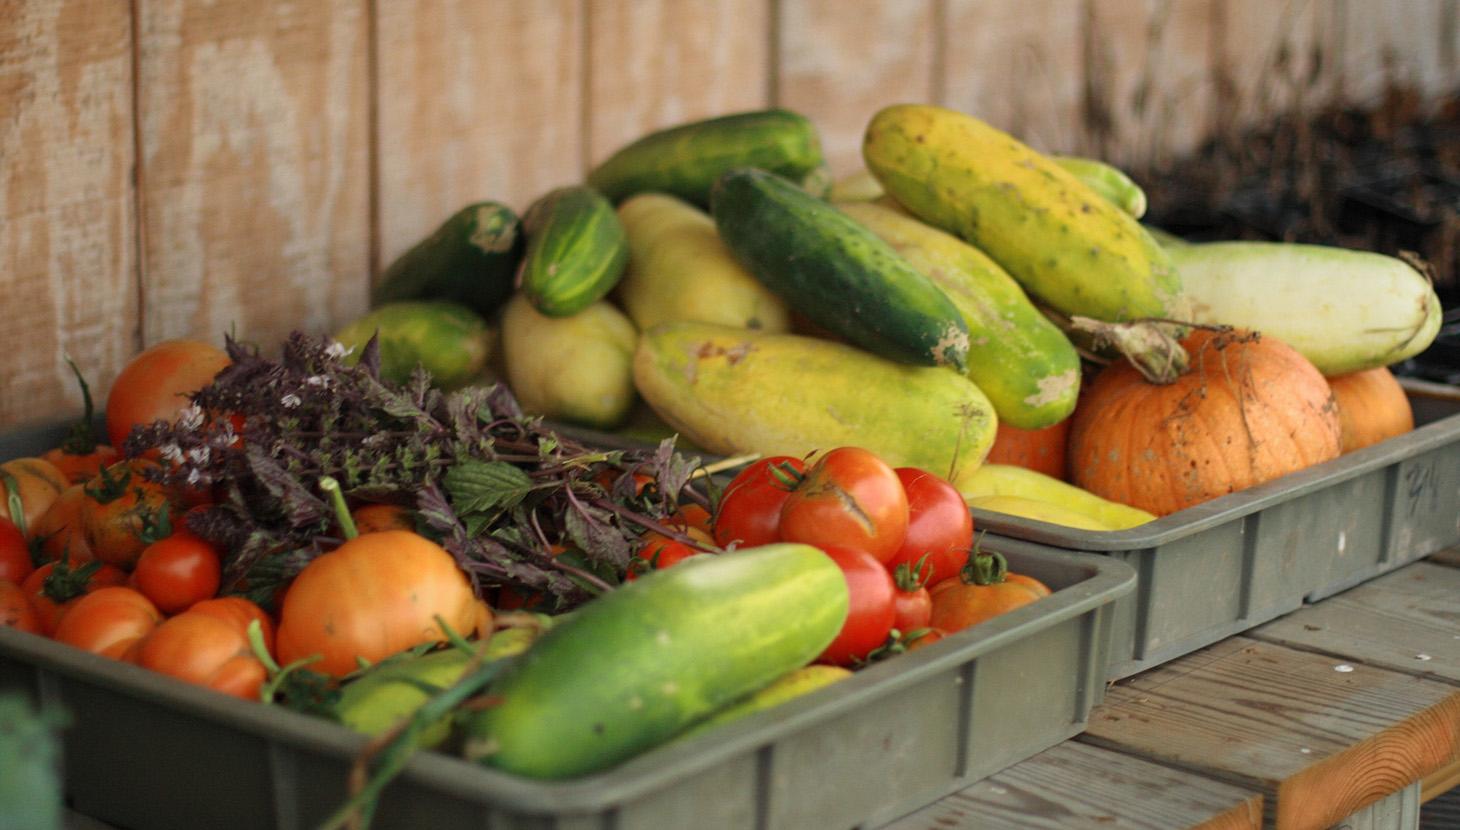 veg-fruit-1460